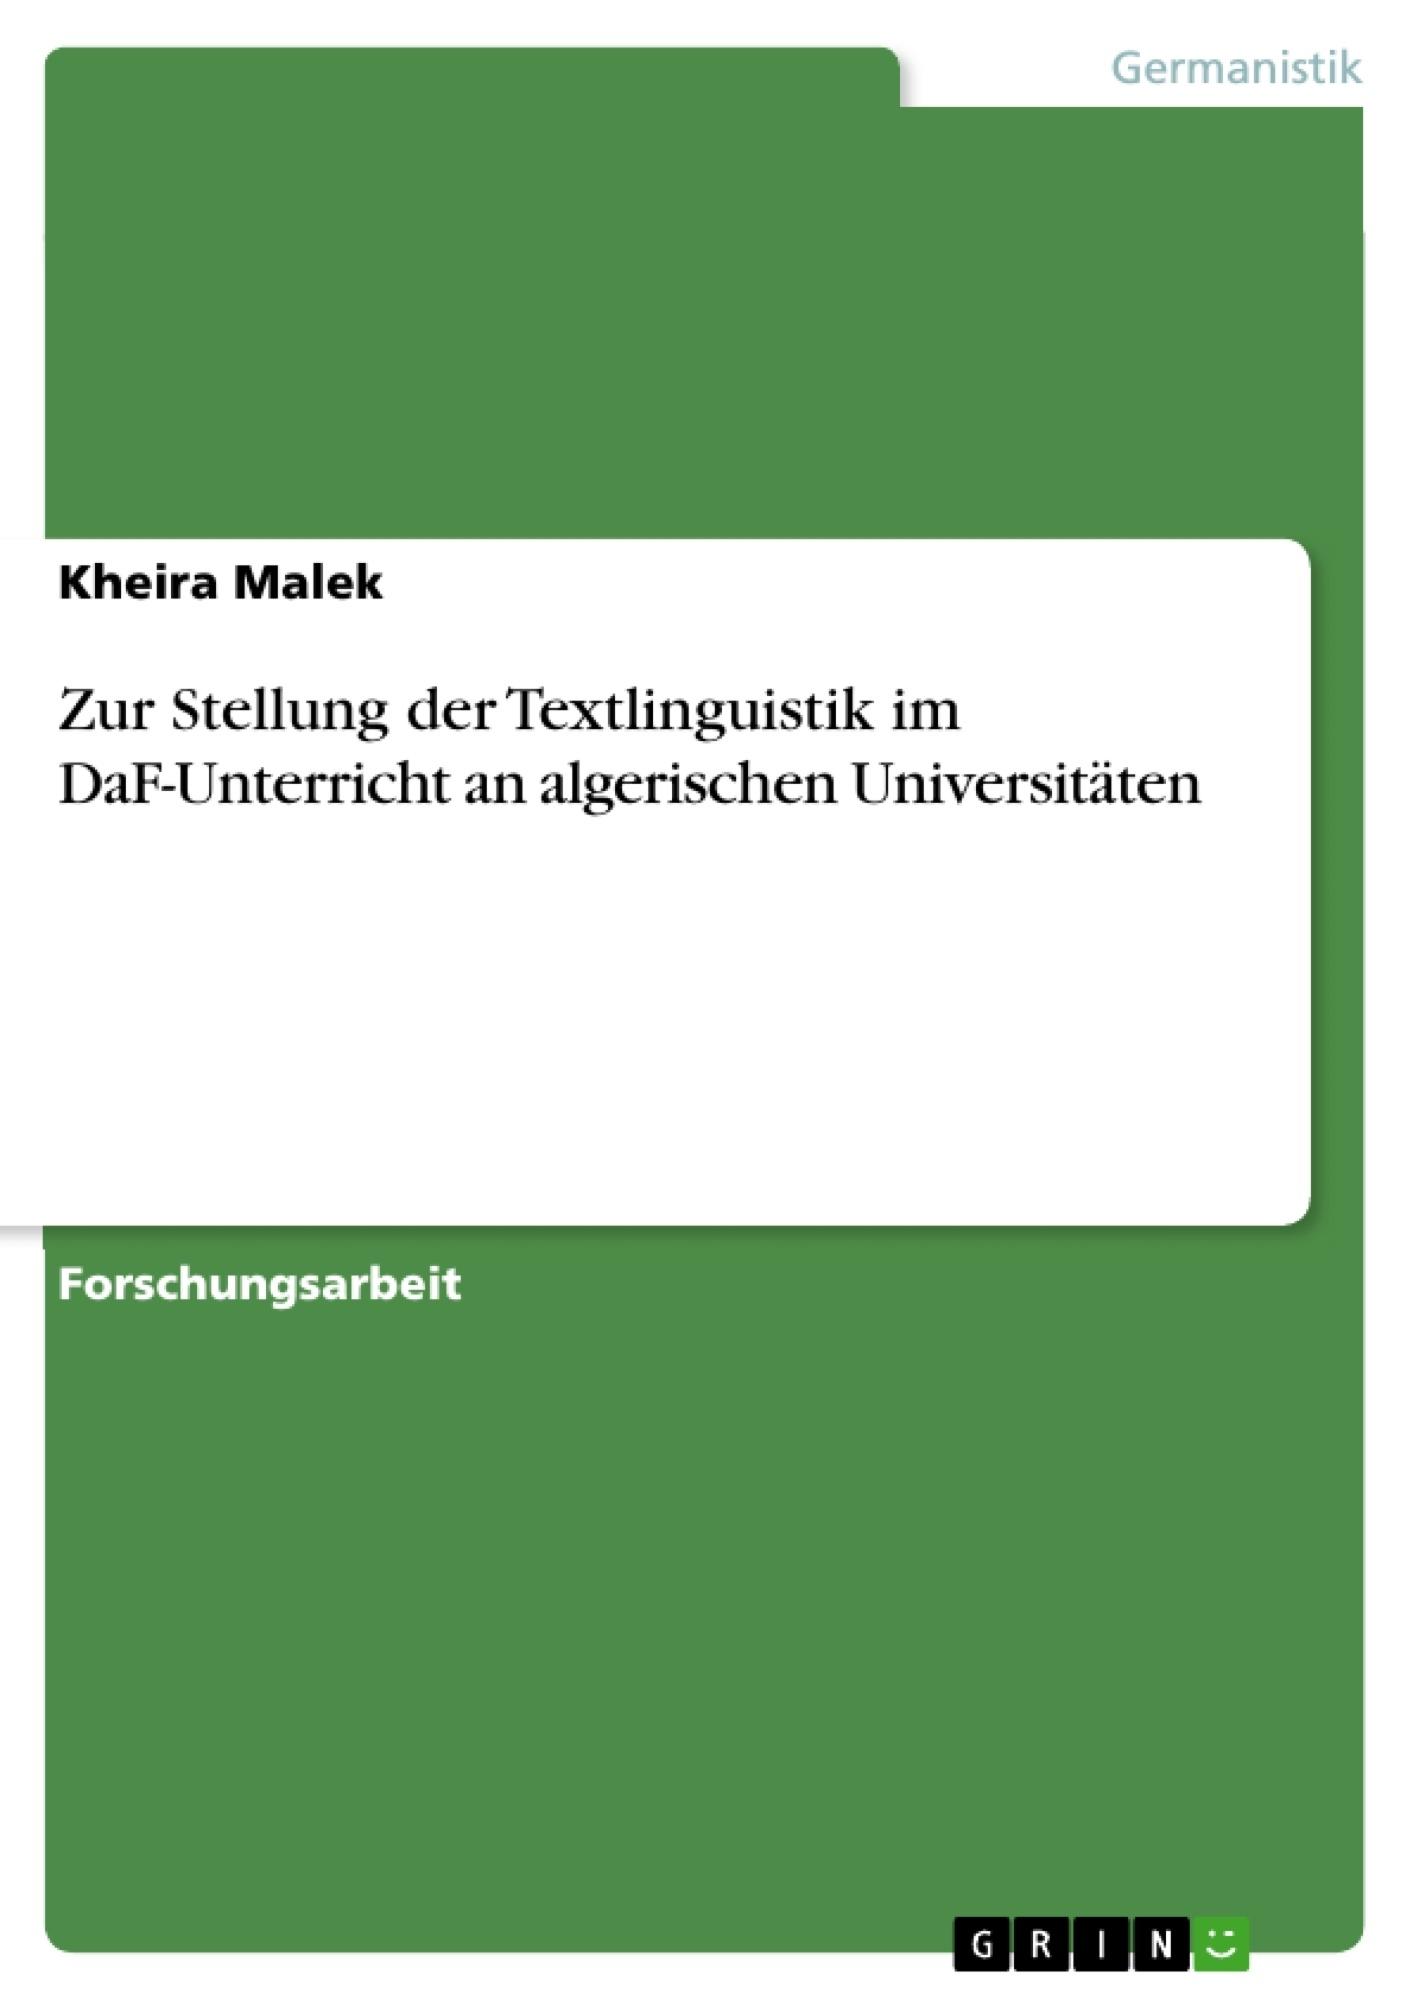 Titel: Zur Stellung der Textlinguistik im DaF-Unterricht an algerischen Universitäten